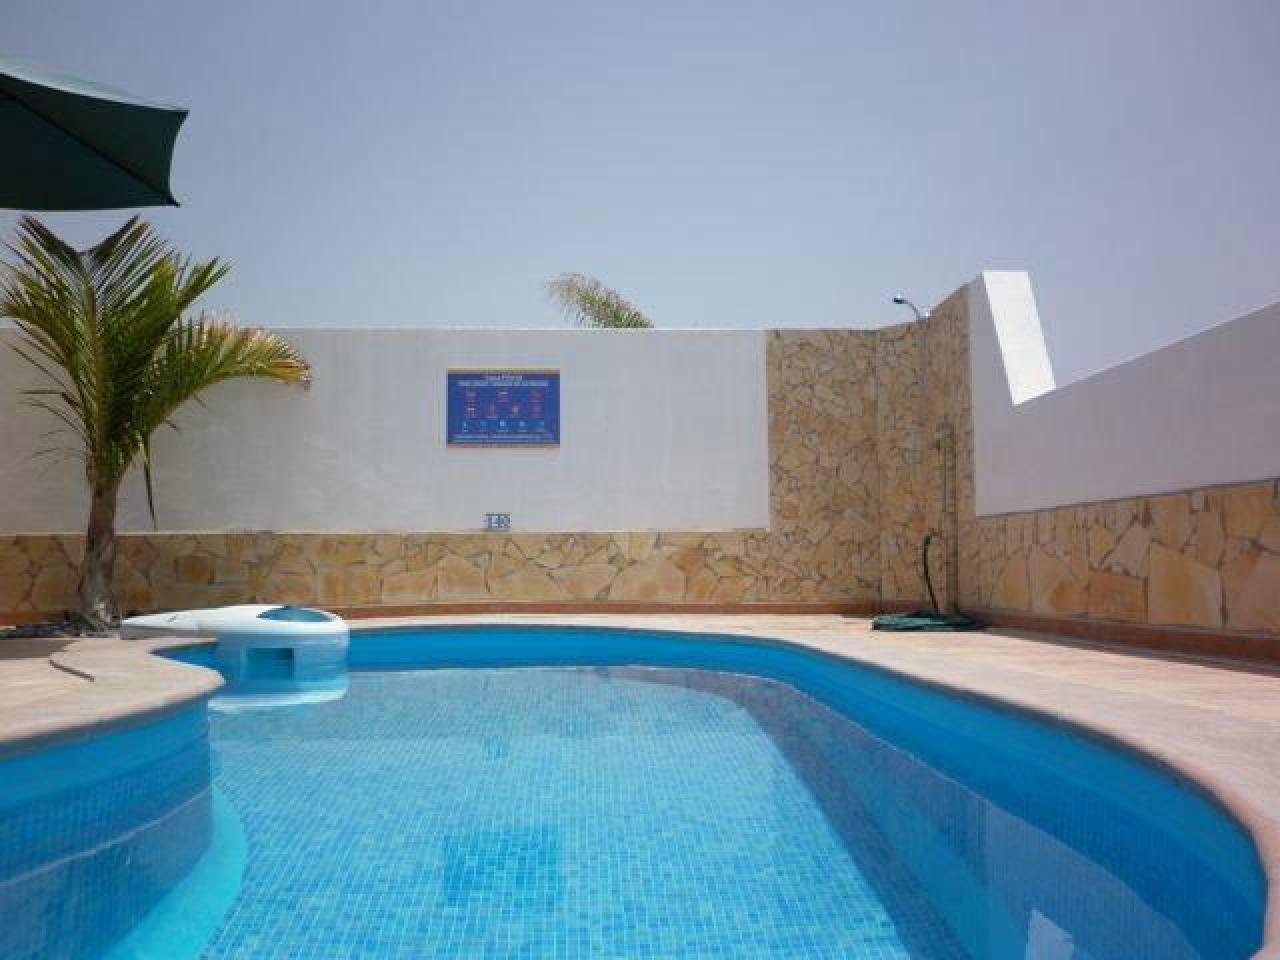 The villa is located in a private urbanization of La Caleta in Costa Adeje - 6